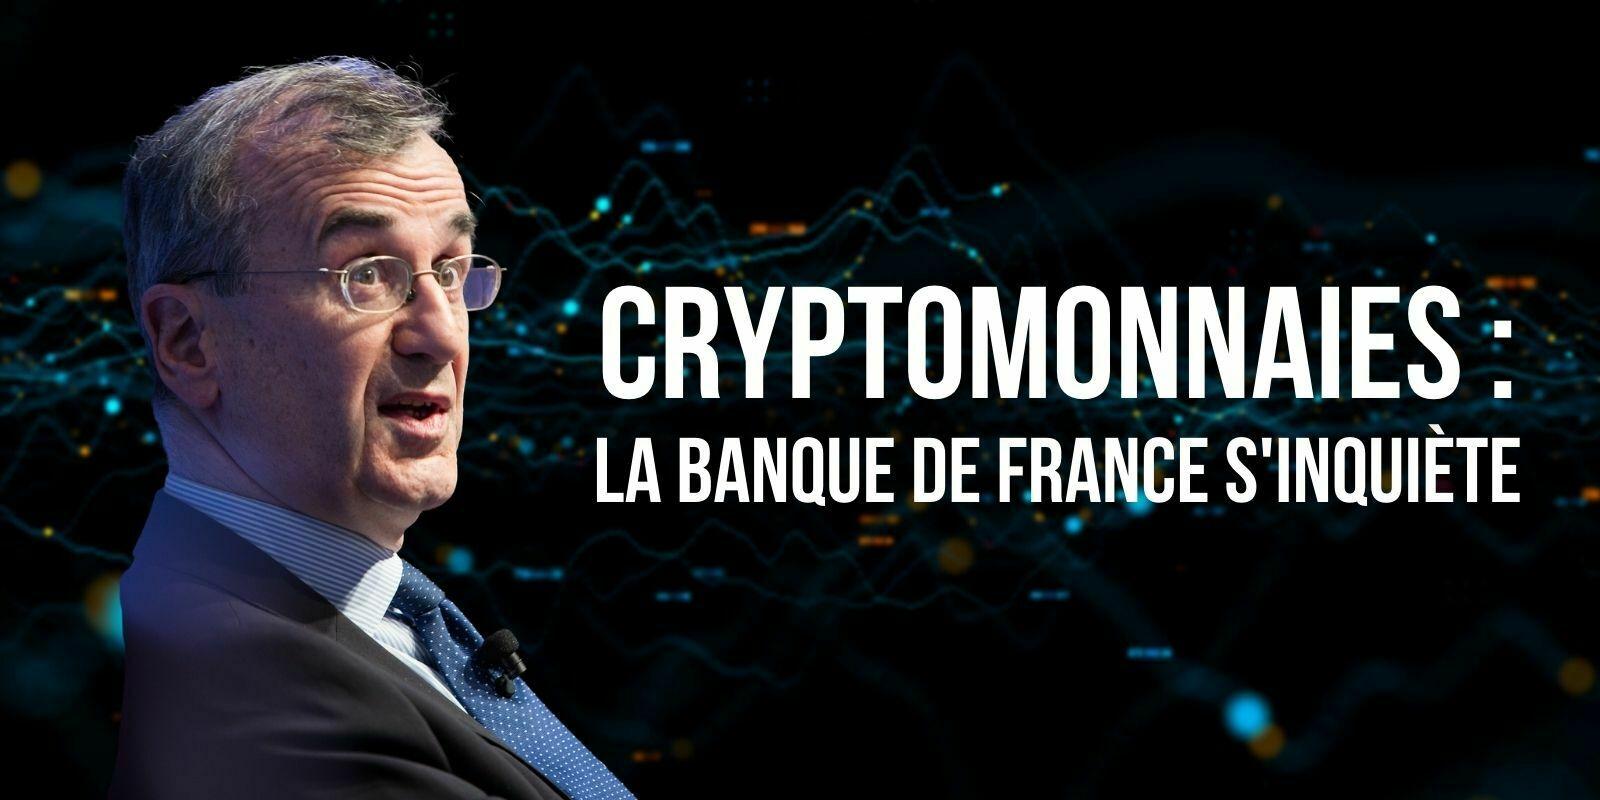 Cryptomonnaies: le gouverneur de la Banque de France alerte sur l'«urgence»